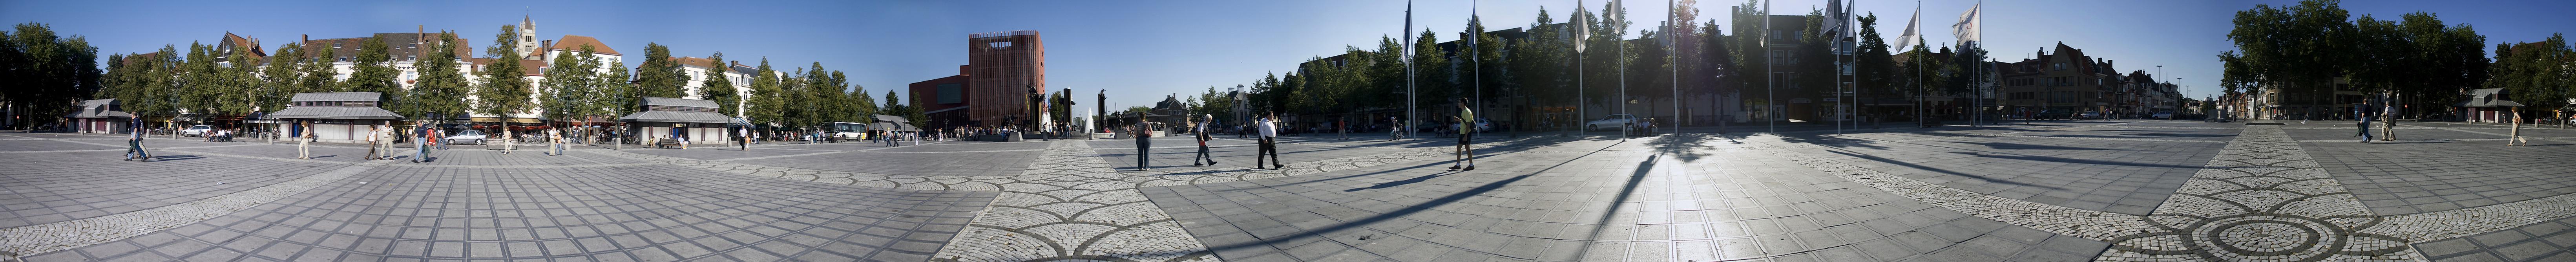 Panorama_%27t_Zand.JPG